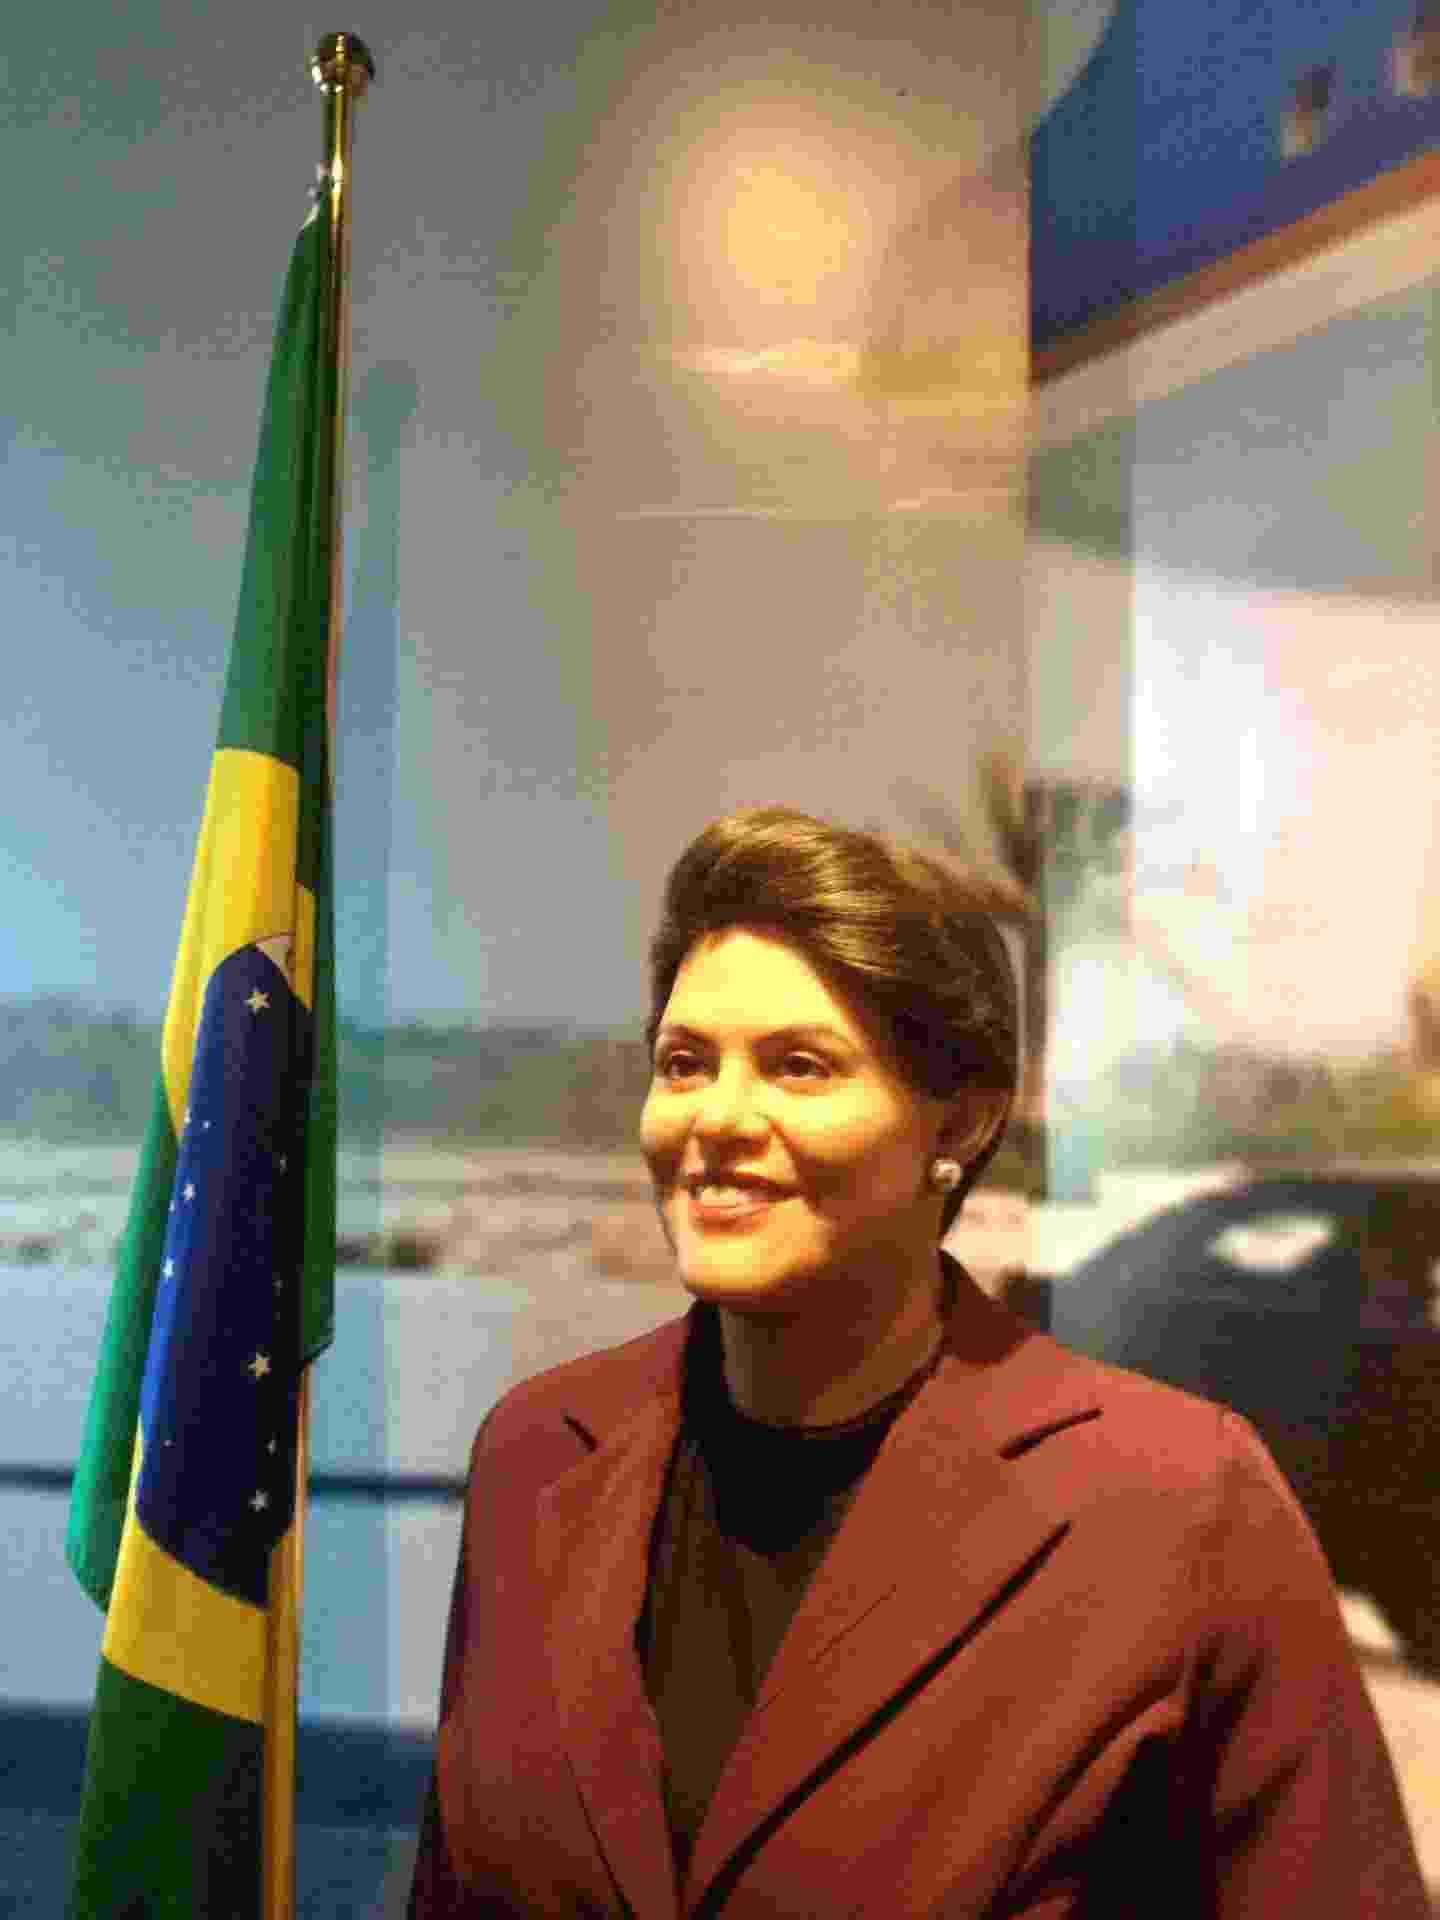 Elodir Corrêa, gerente geral do museu de cera de Gramado, conta que a escultura de Dilma Rousseff chegou a ser removida por 15 dias no ano passado, em meio aos protestos contra o governo que começaram em março - Luna D'Alama/UOL